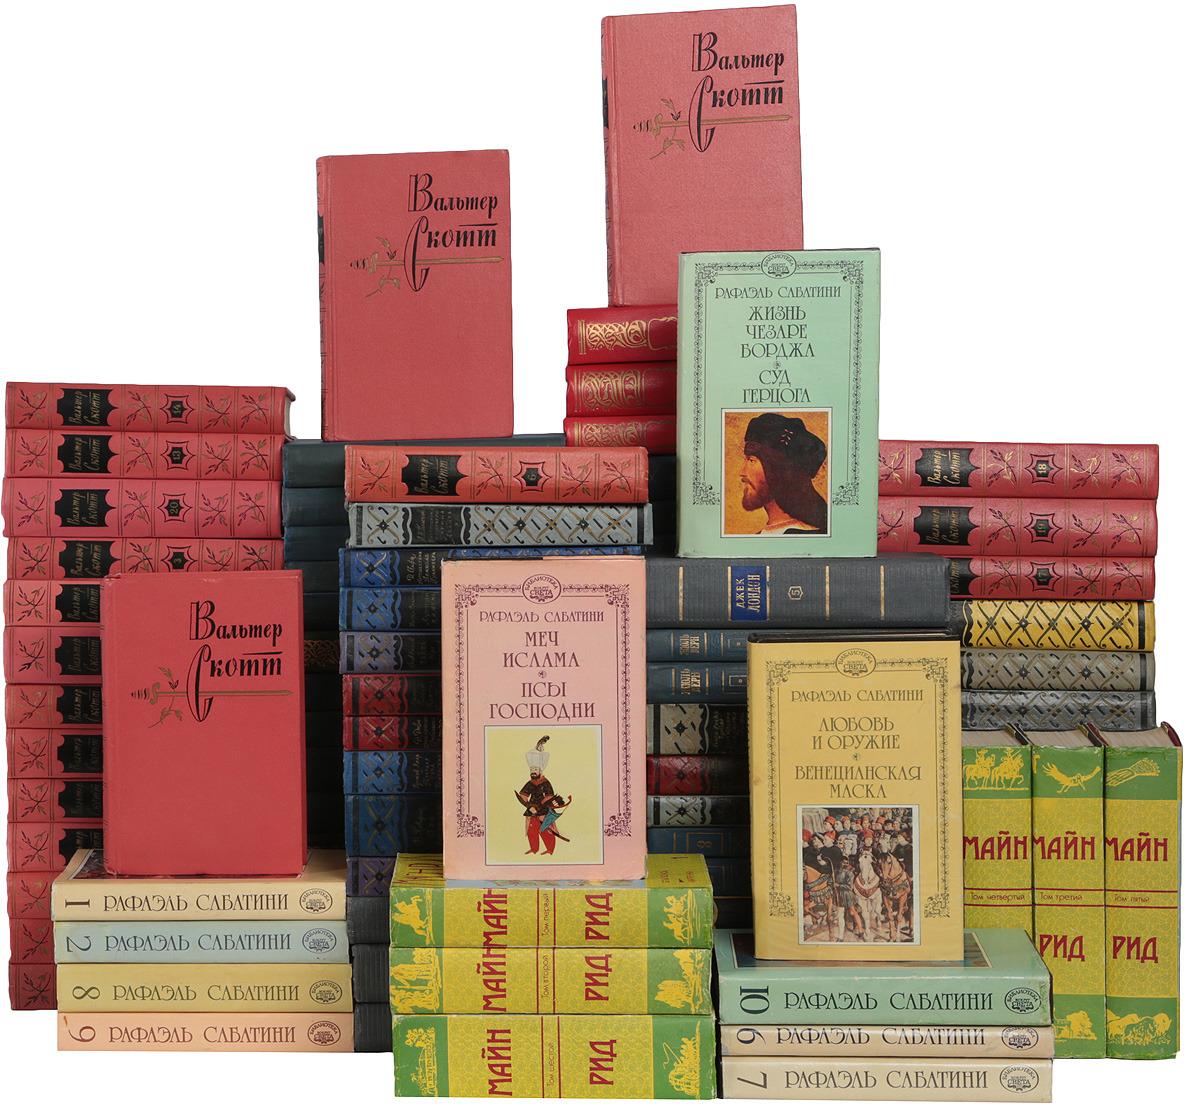 Библиотека путешествий, приключений и фантастики (комплект из 100 книг) серия библиотека зарубежной фантастики комплект из 8 книг